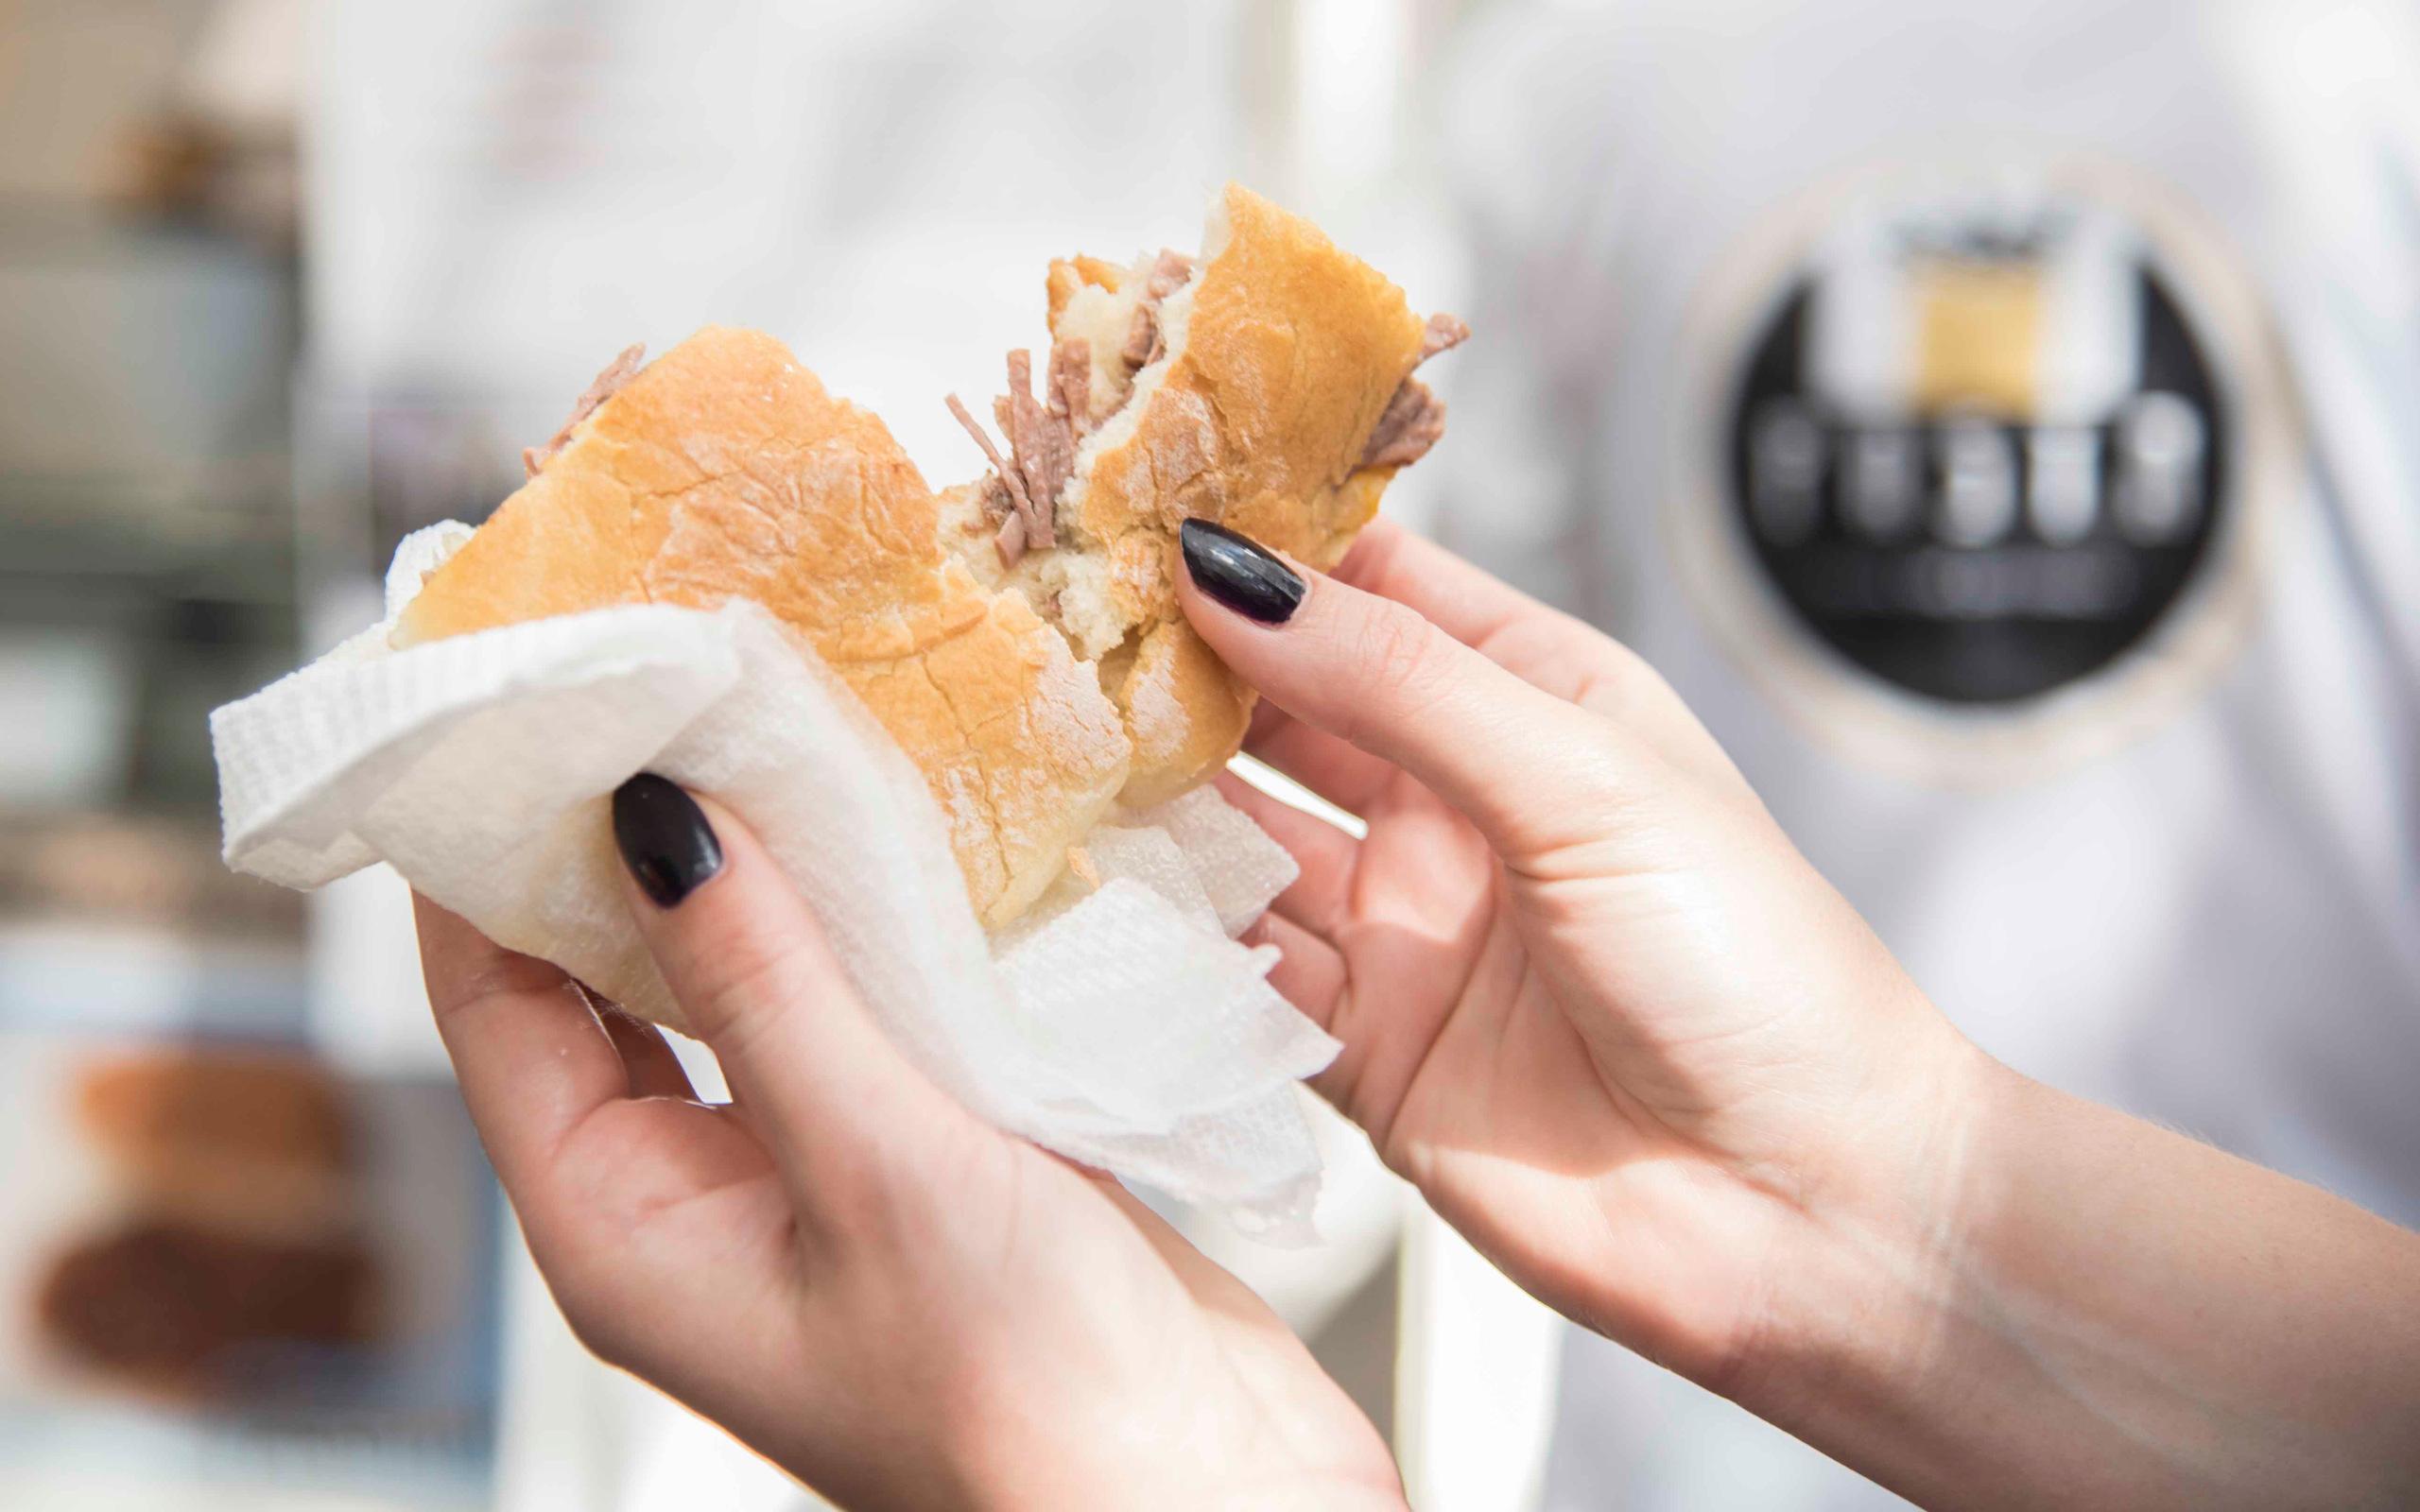 Mercato testaccio, panino con il bollito - ©Gianpaolo Mavilia